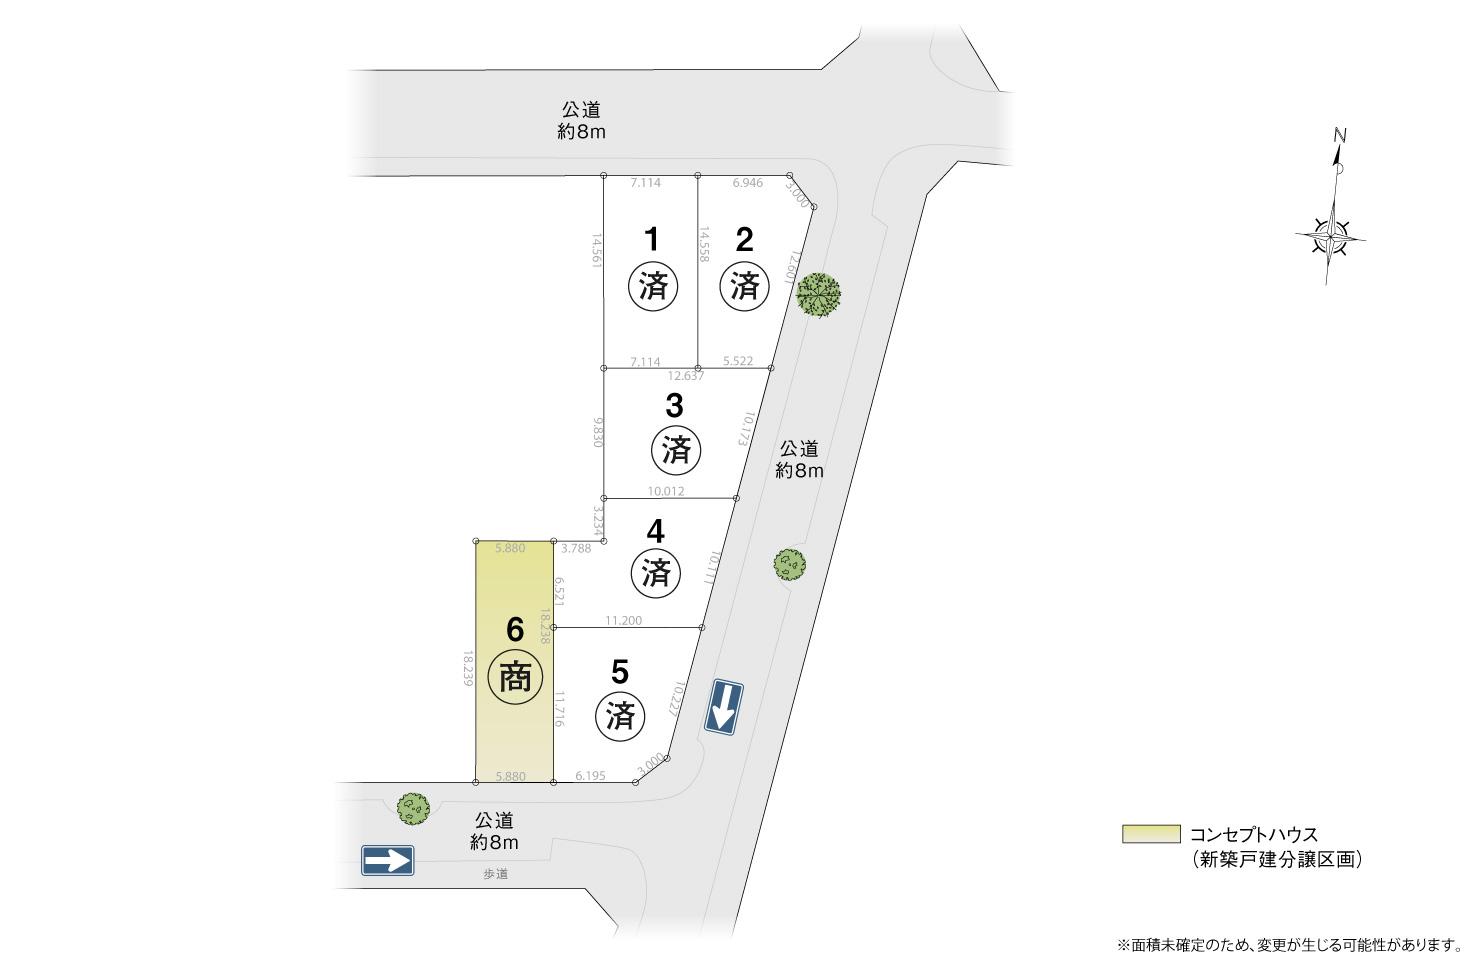 4_区画図_西区清里町